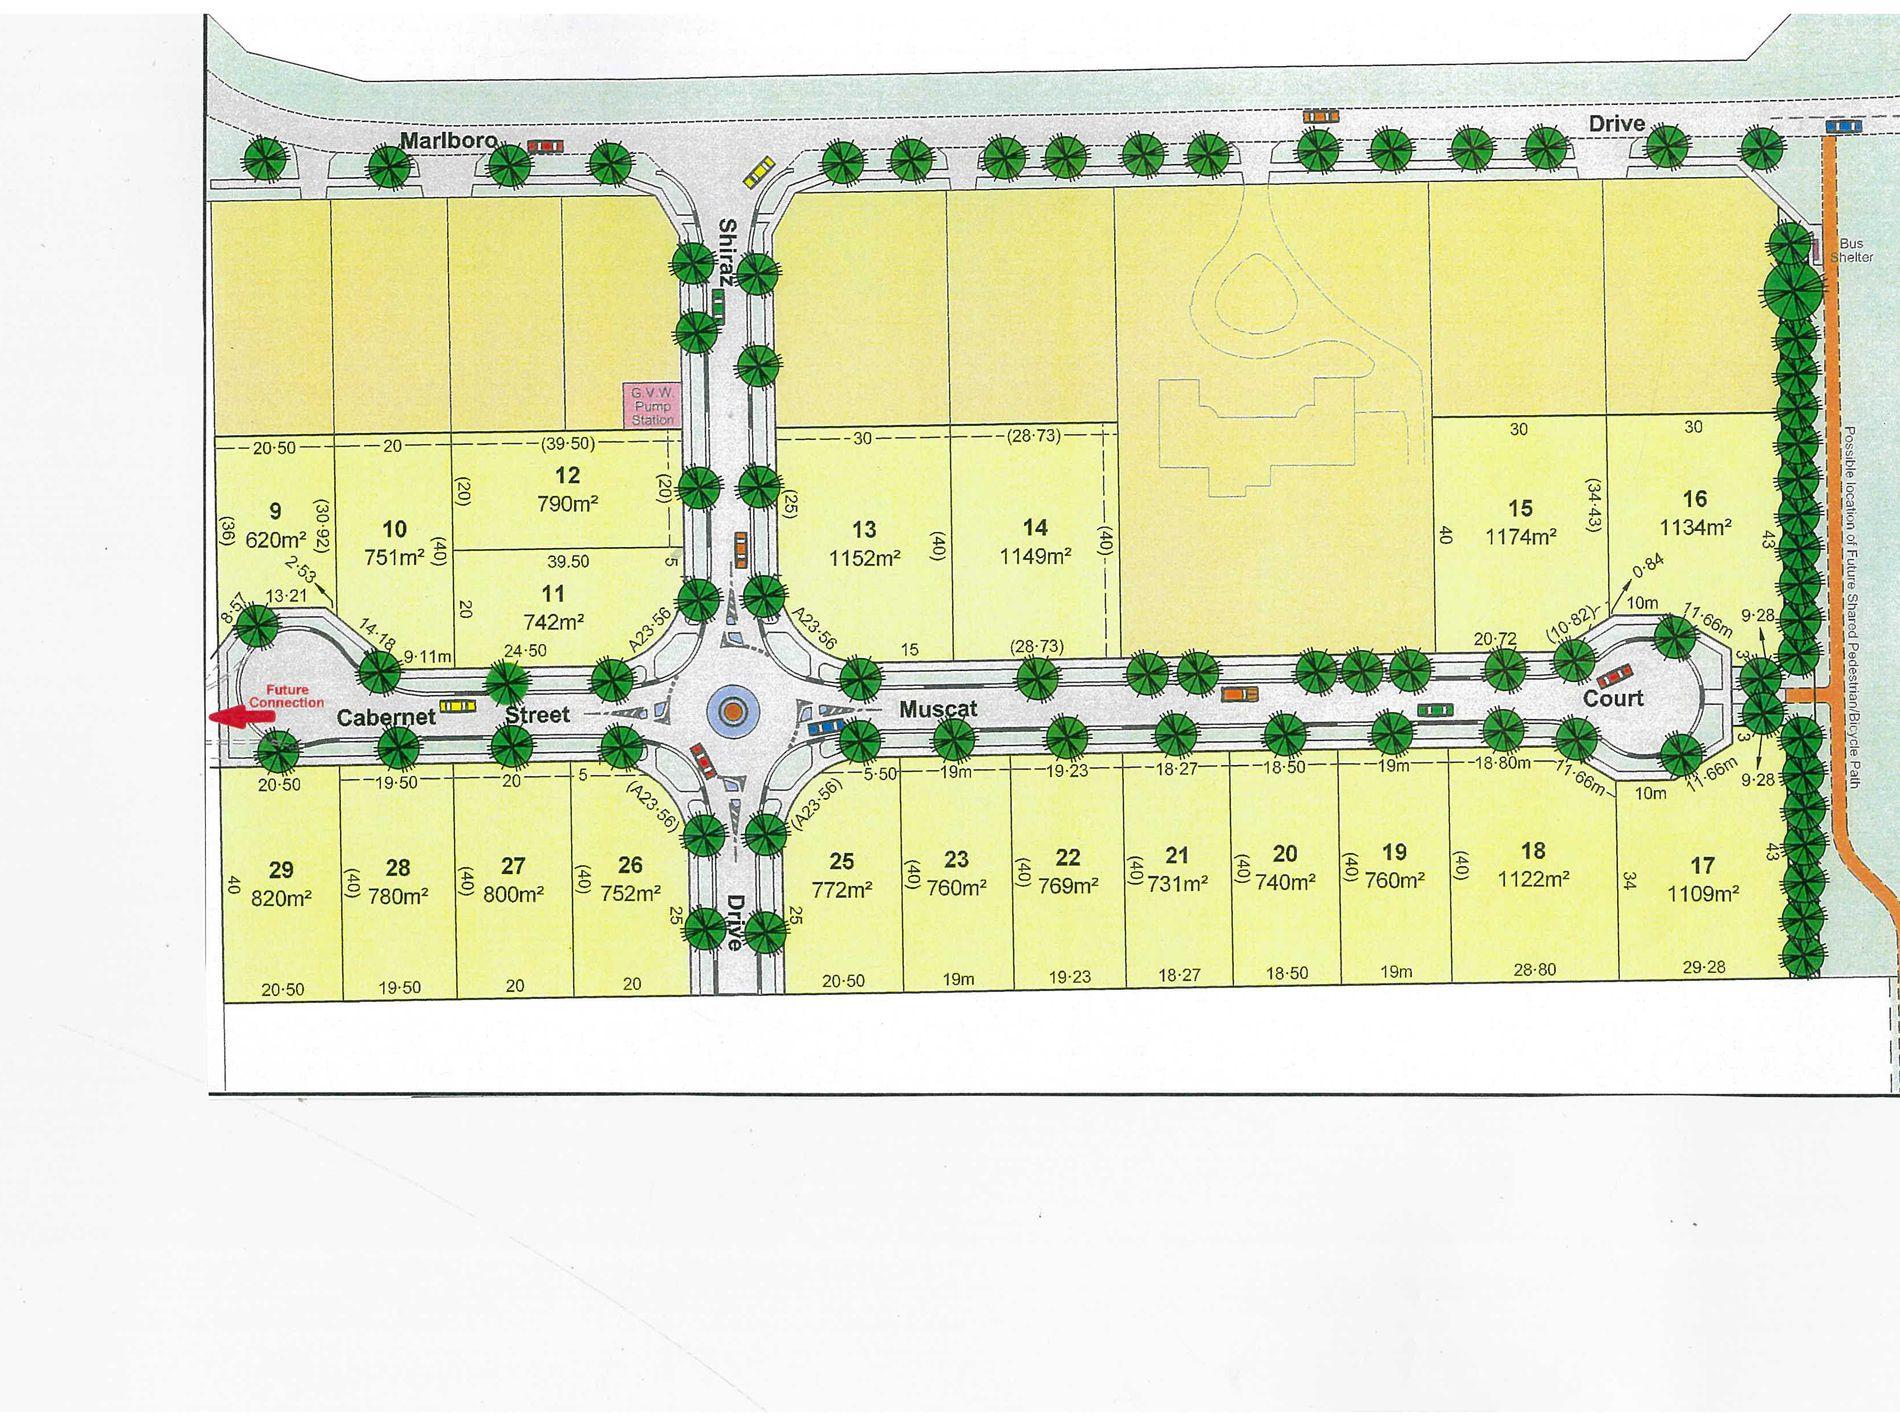 Lot 9, 5 Marlboro Dr, The Grange Estate, Kialla